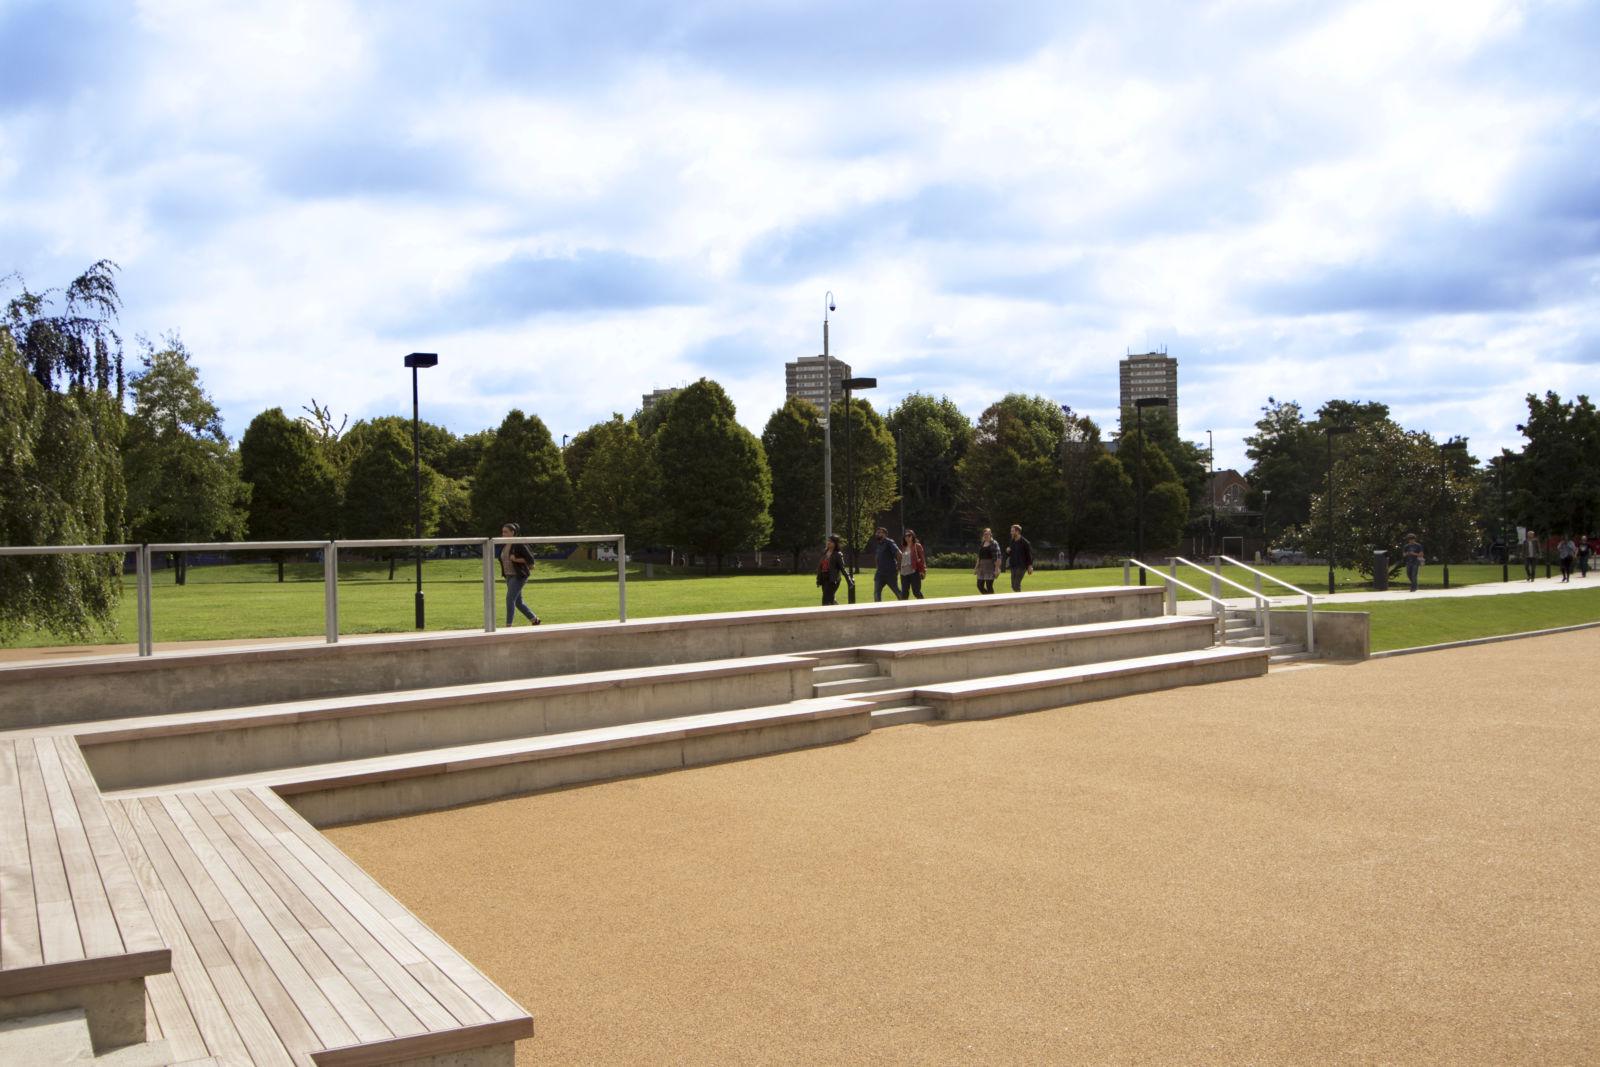 Timber seating